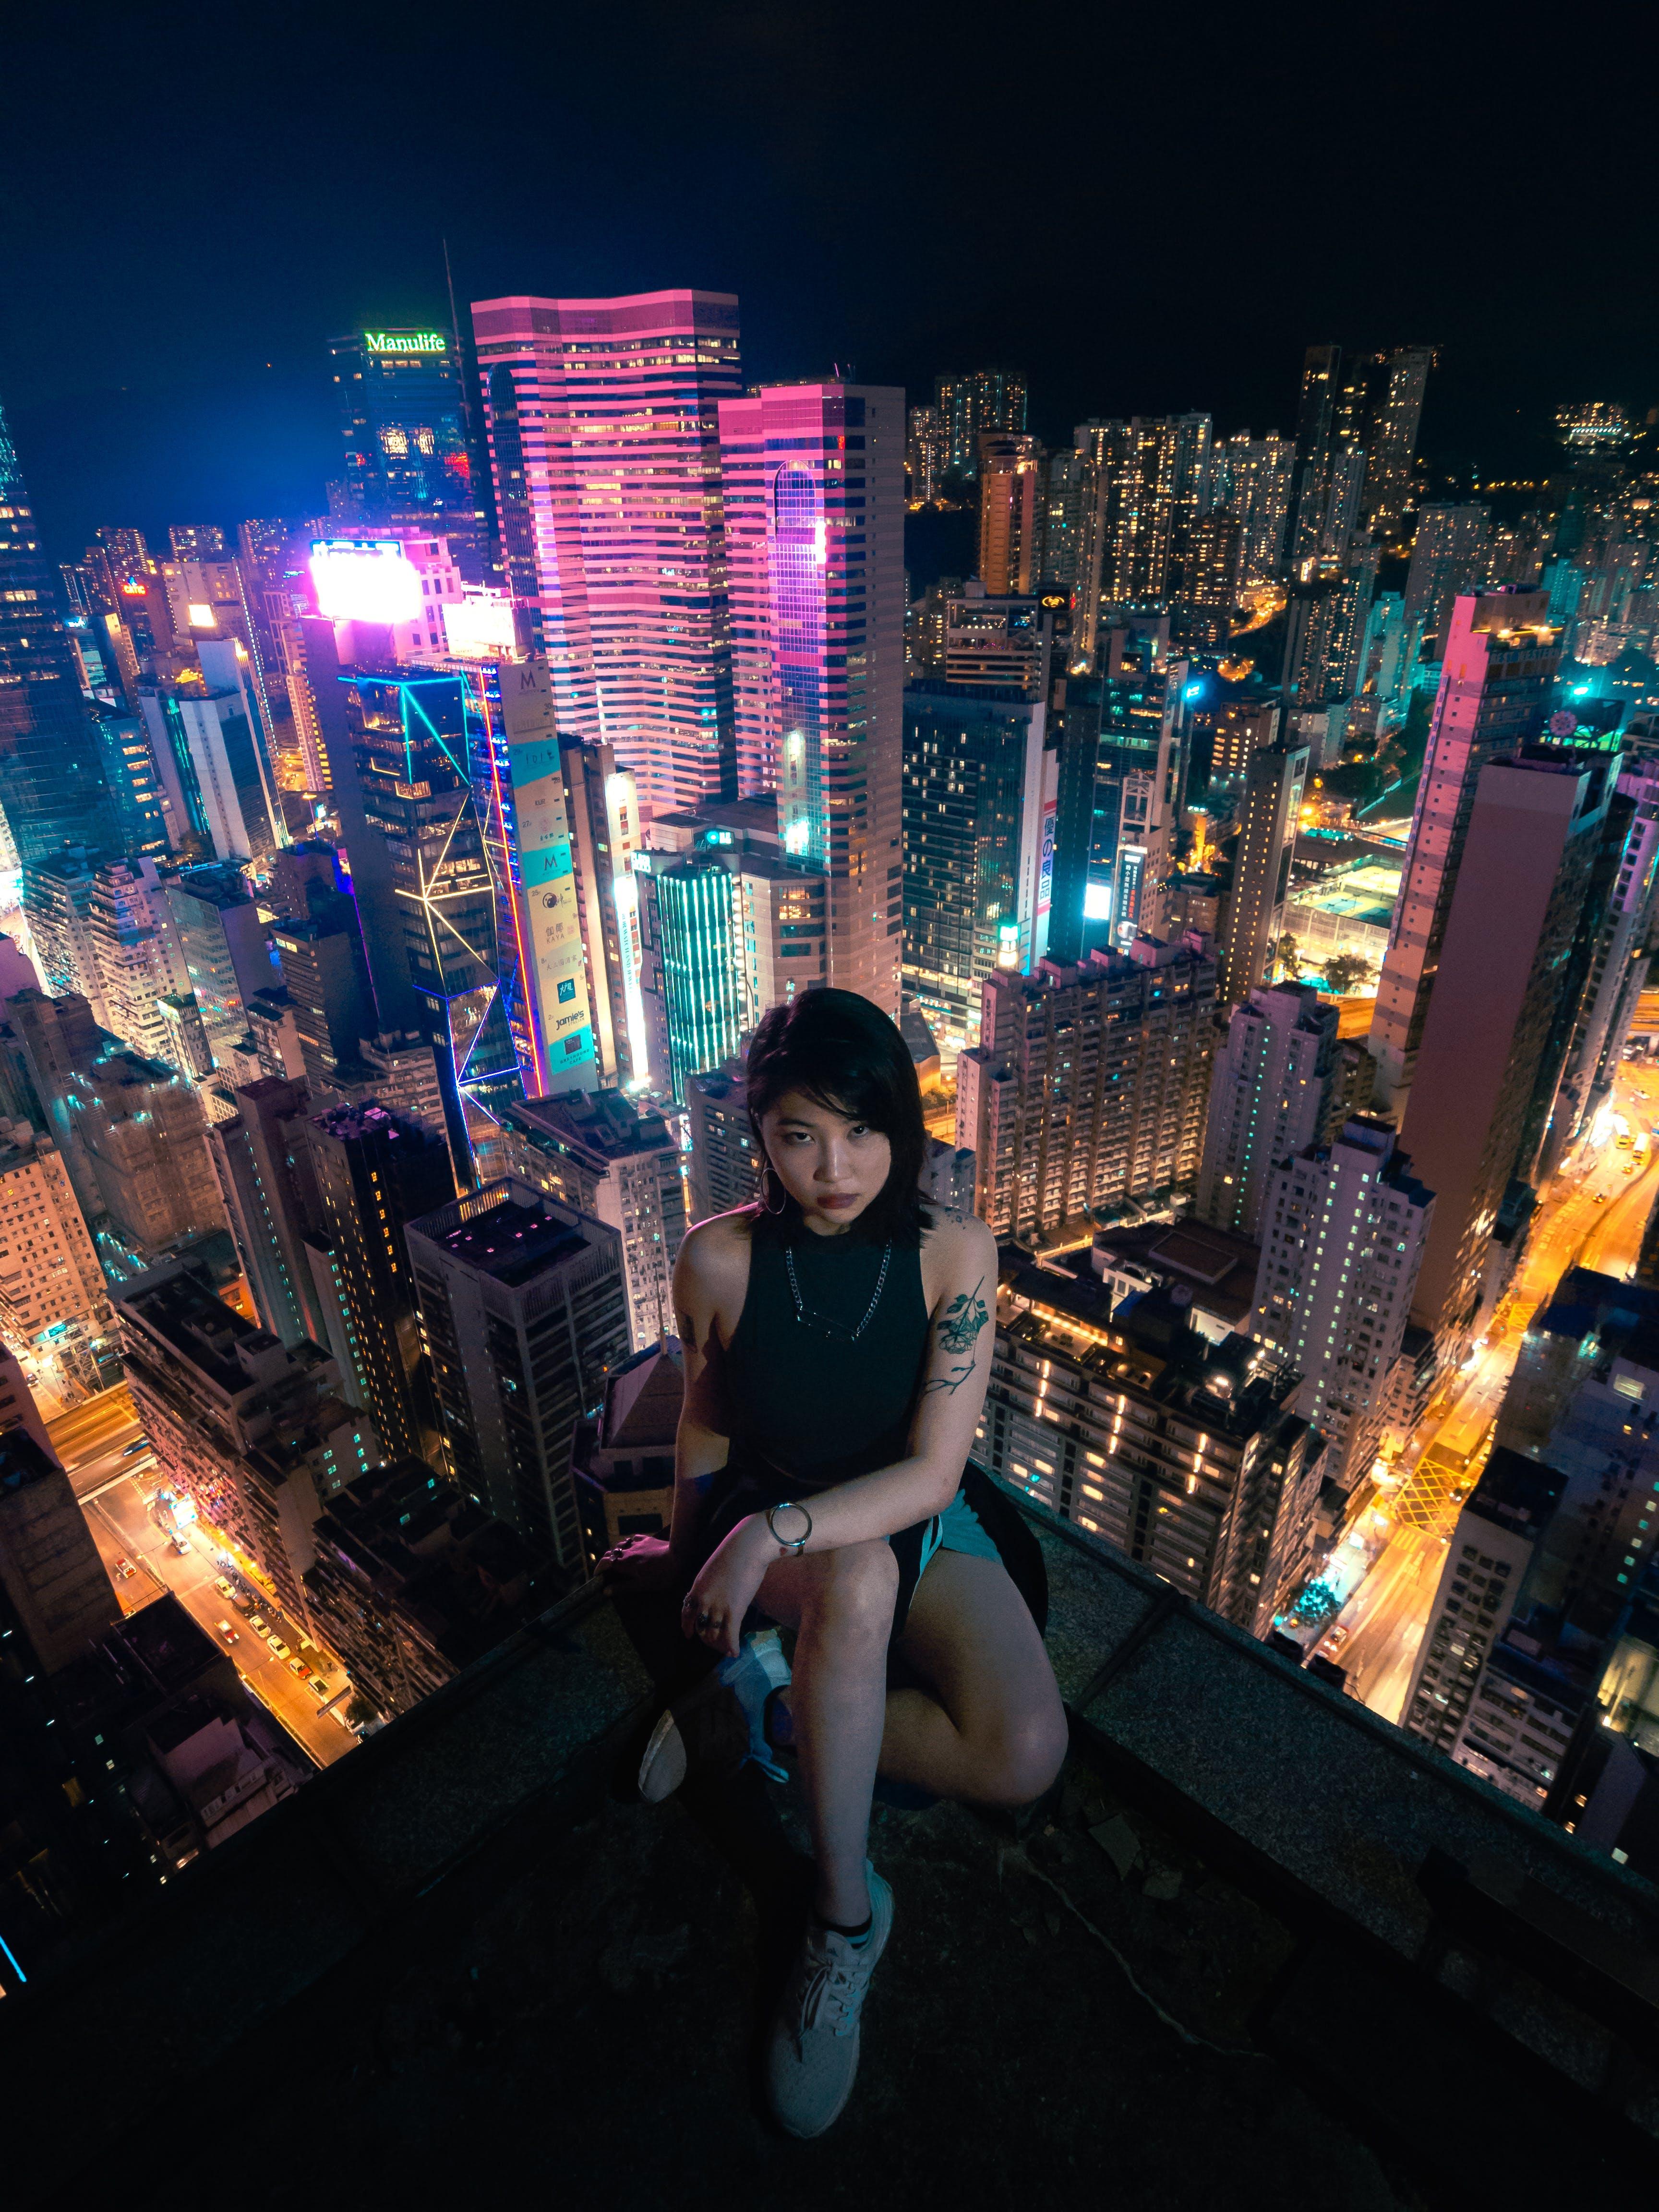 Gratis stockfoto met architectuur, avond, Aziatische vrouw, belicht